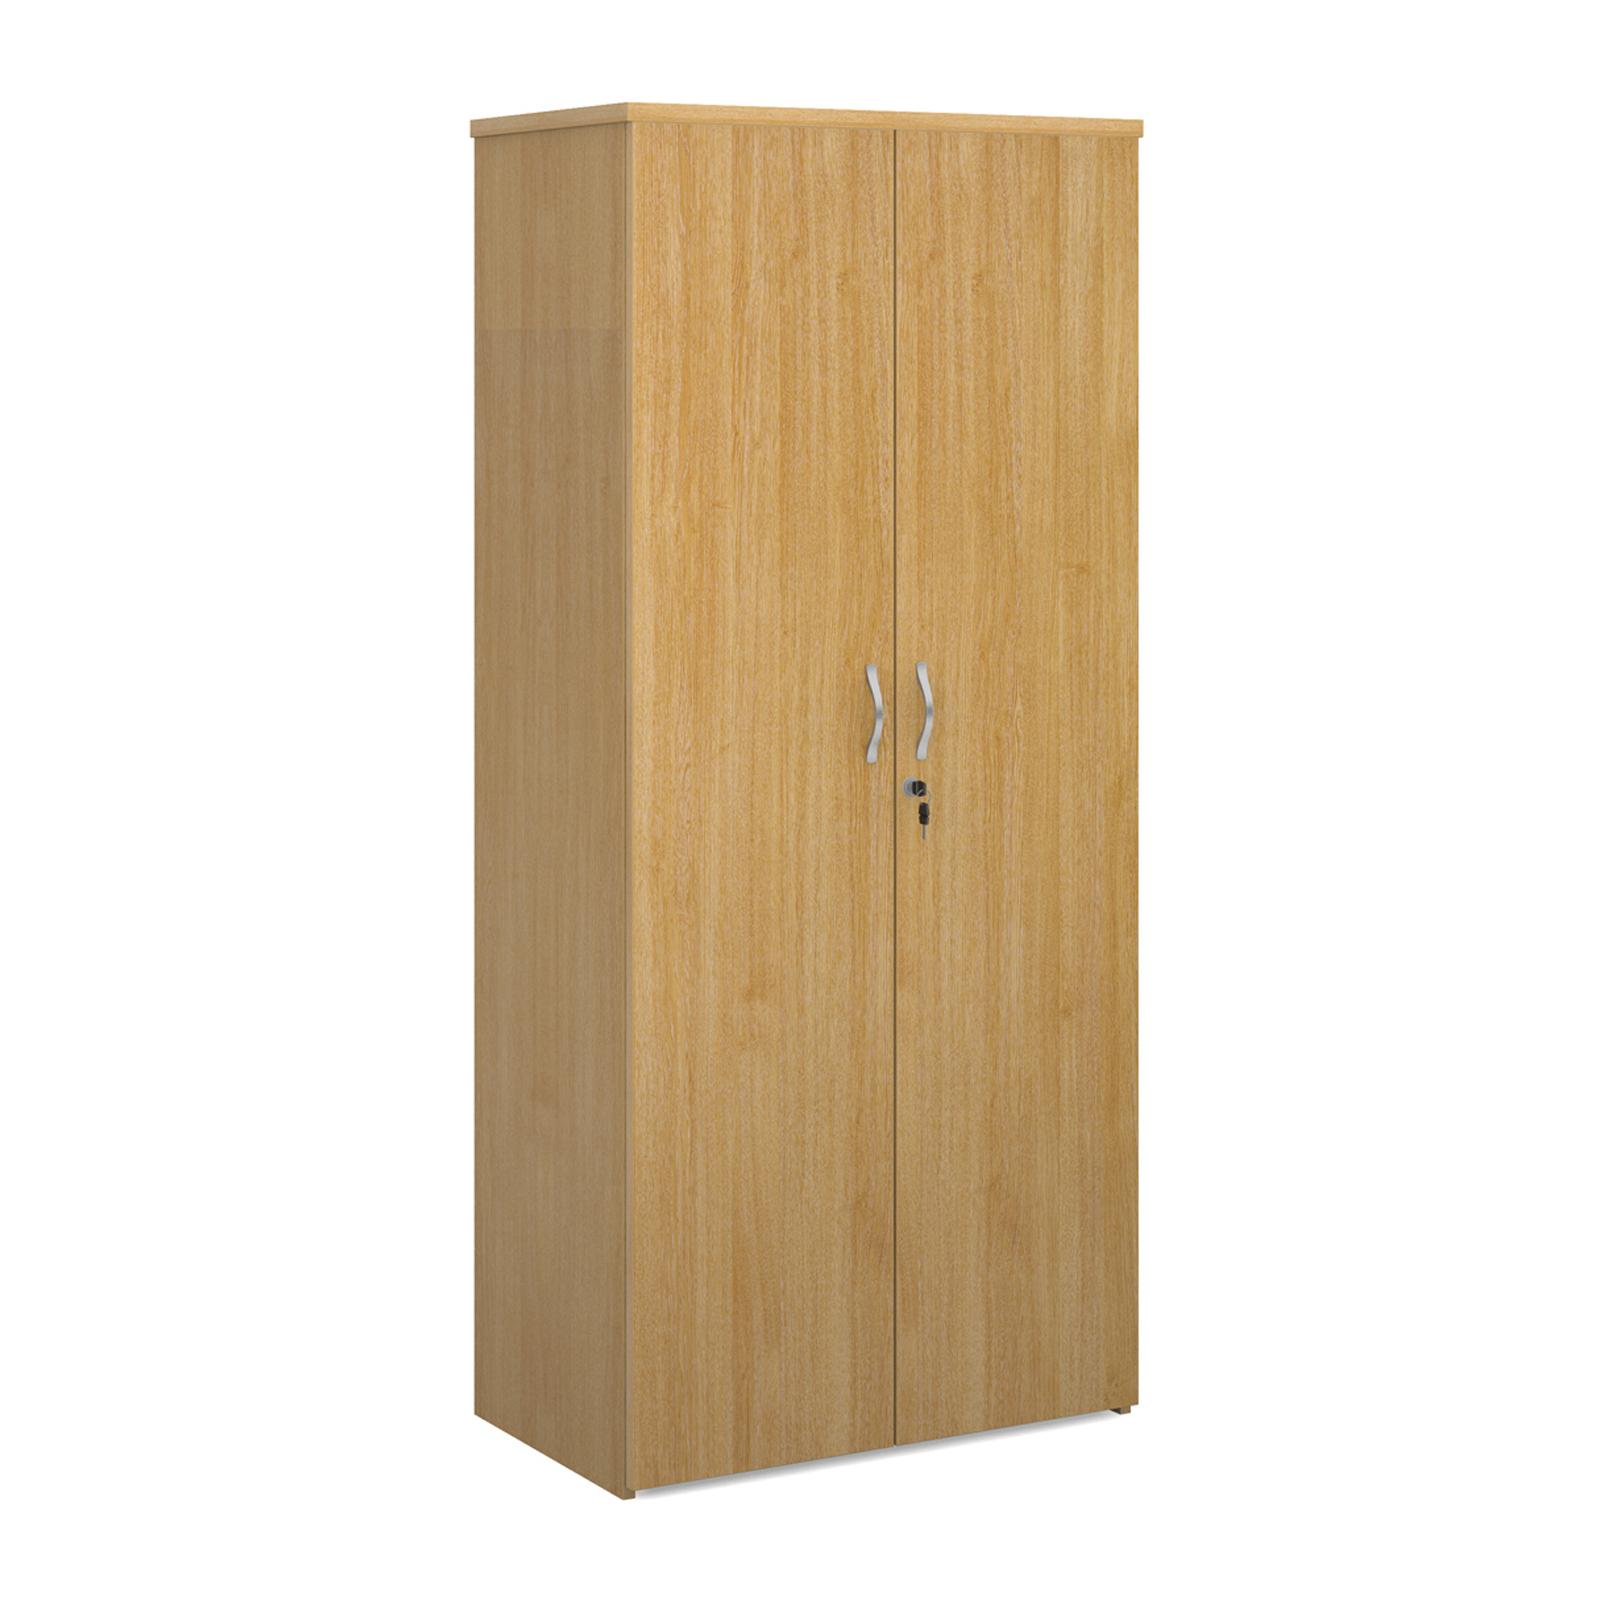 Over 1200mm High Universal double door cupboard 1790mm high with 4 shelves - oak